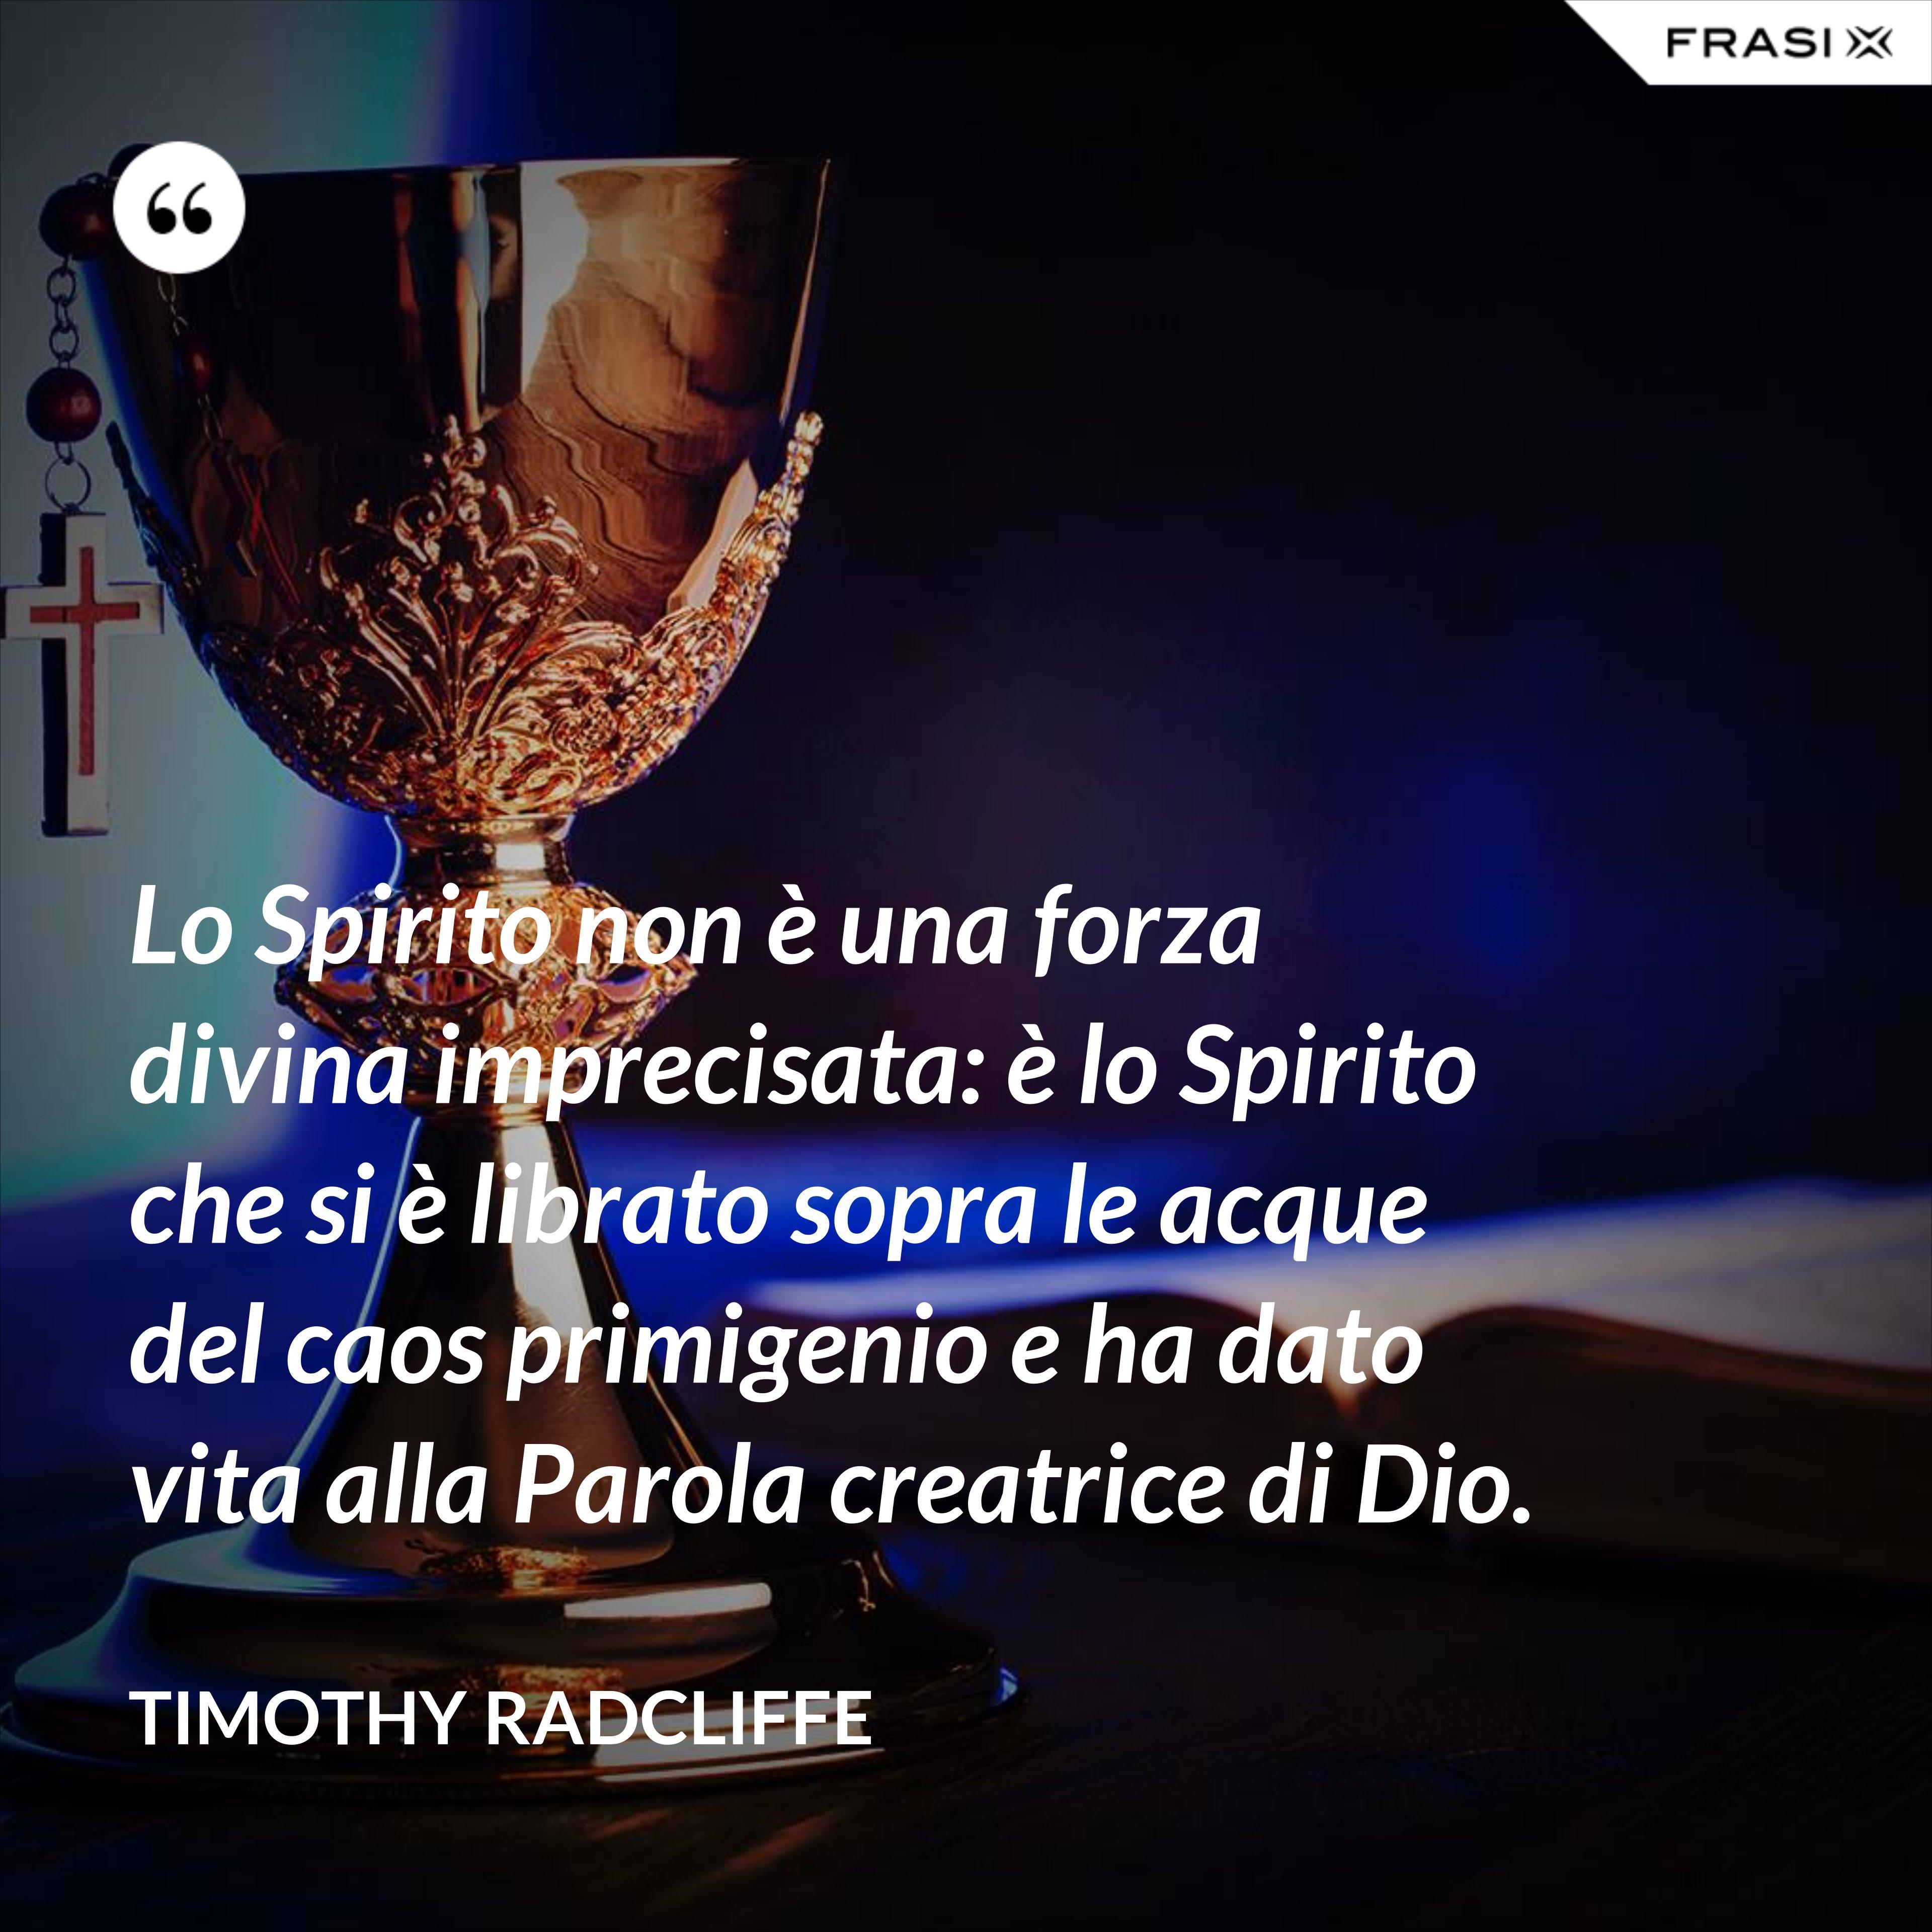 Lo Spirito non è una forza divina imprecisata: è lo Spirito che si è librato sopra le acque del caos primigenio e ha dato vita alla Parola creatrice di Dio. - Timothy Radcliffe